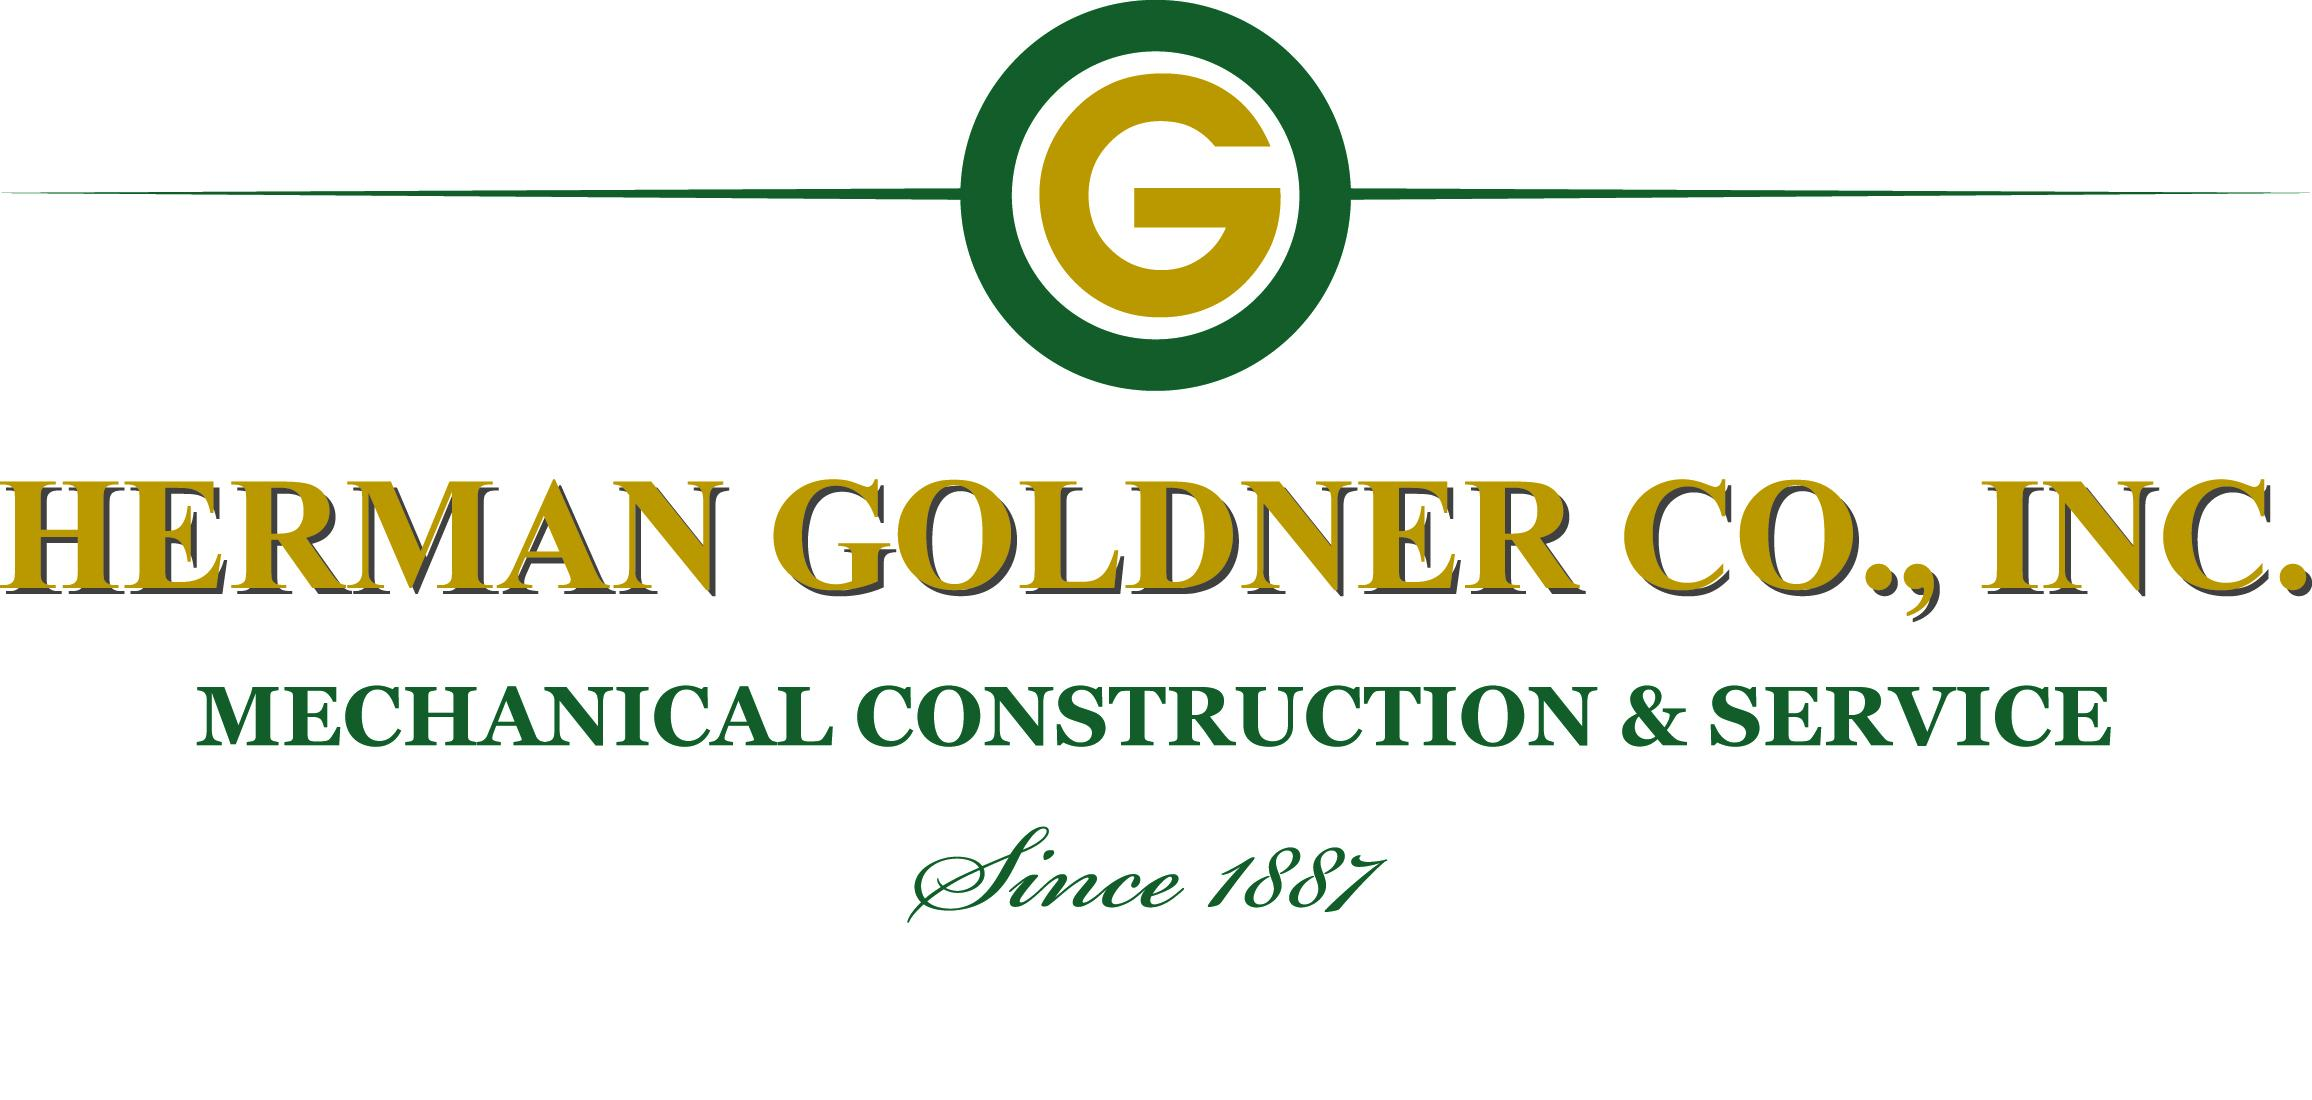 HermanGoldner_Logo_2014.jpg